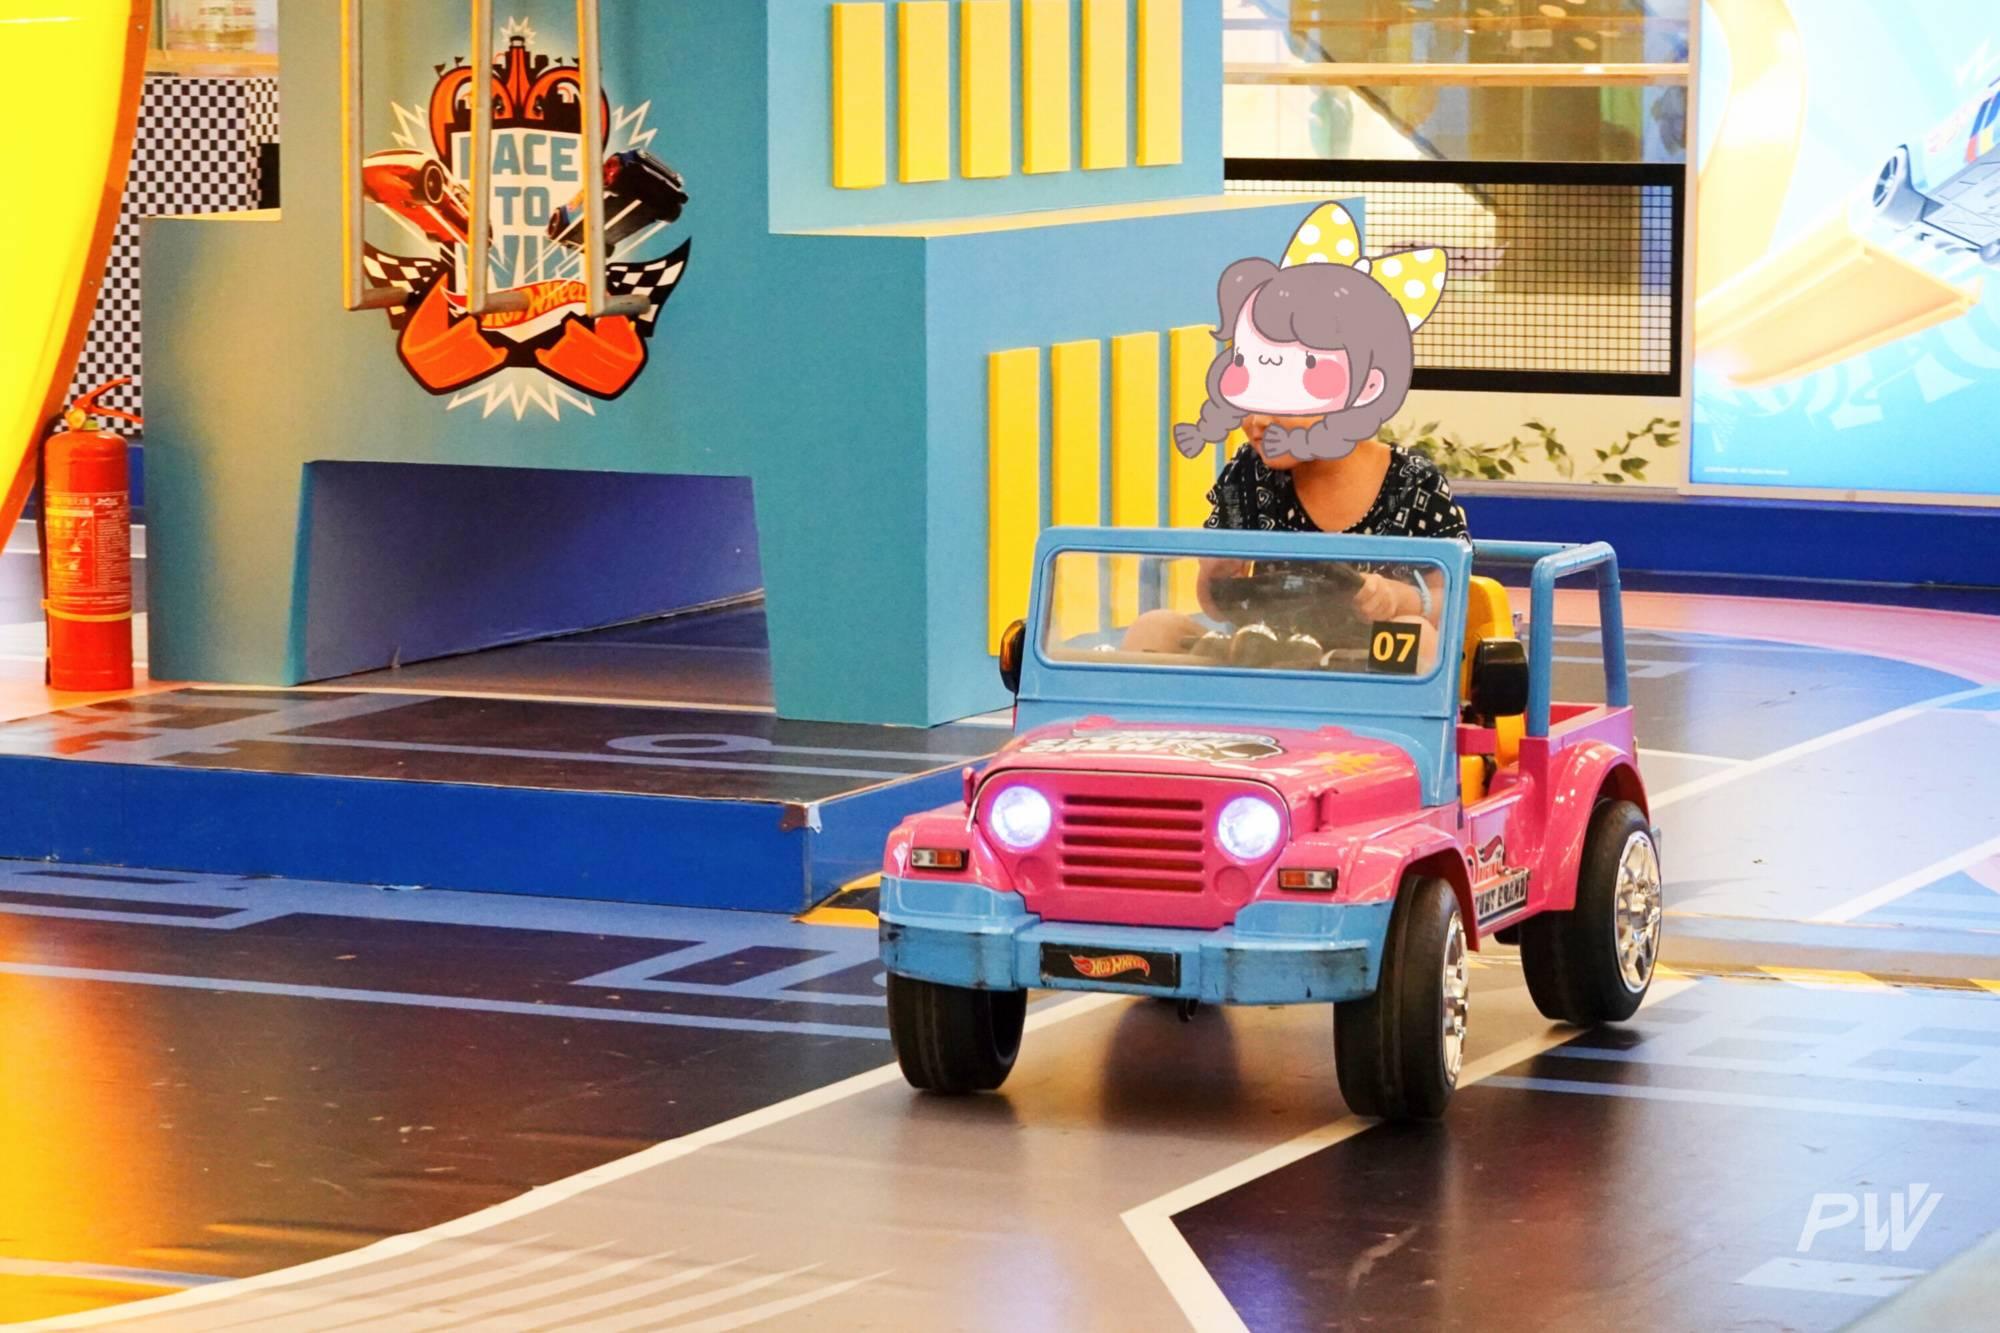 开童车 老司机_把平衡车变卡丁车!Ninebot GoKart Kit 改装套件开箱 - 端科技